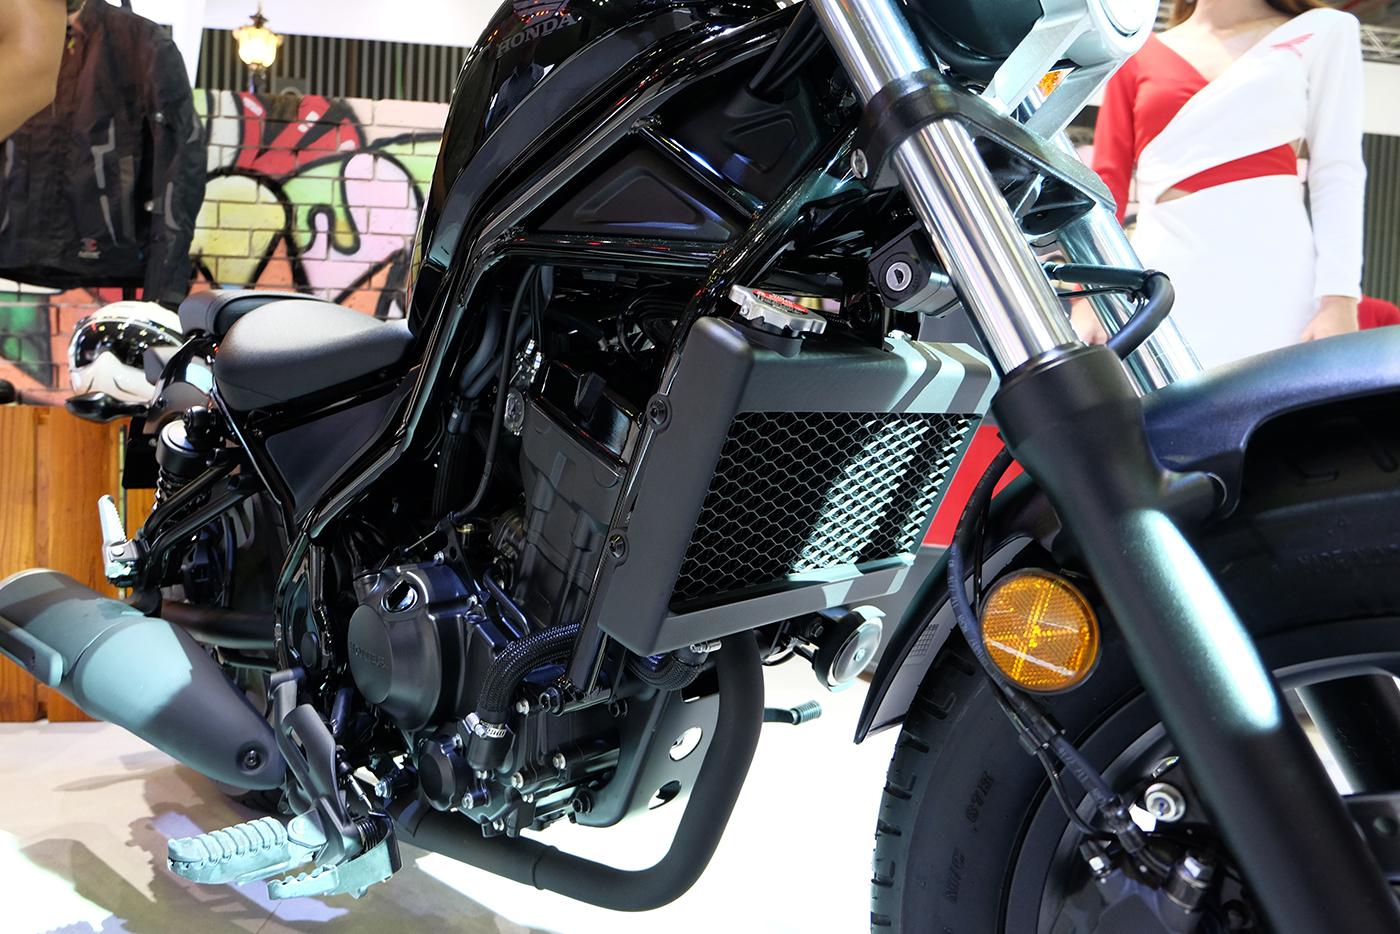 honda-rebel-300-2017-6.JPG